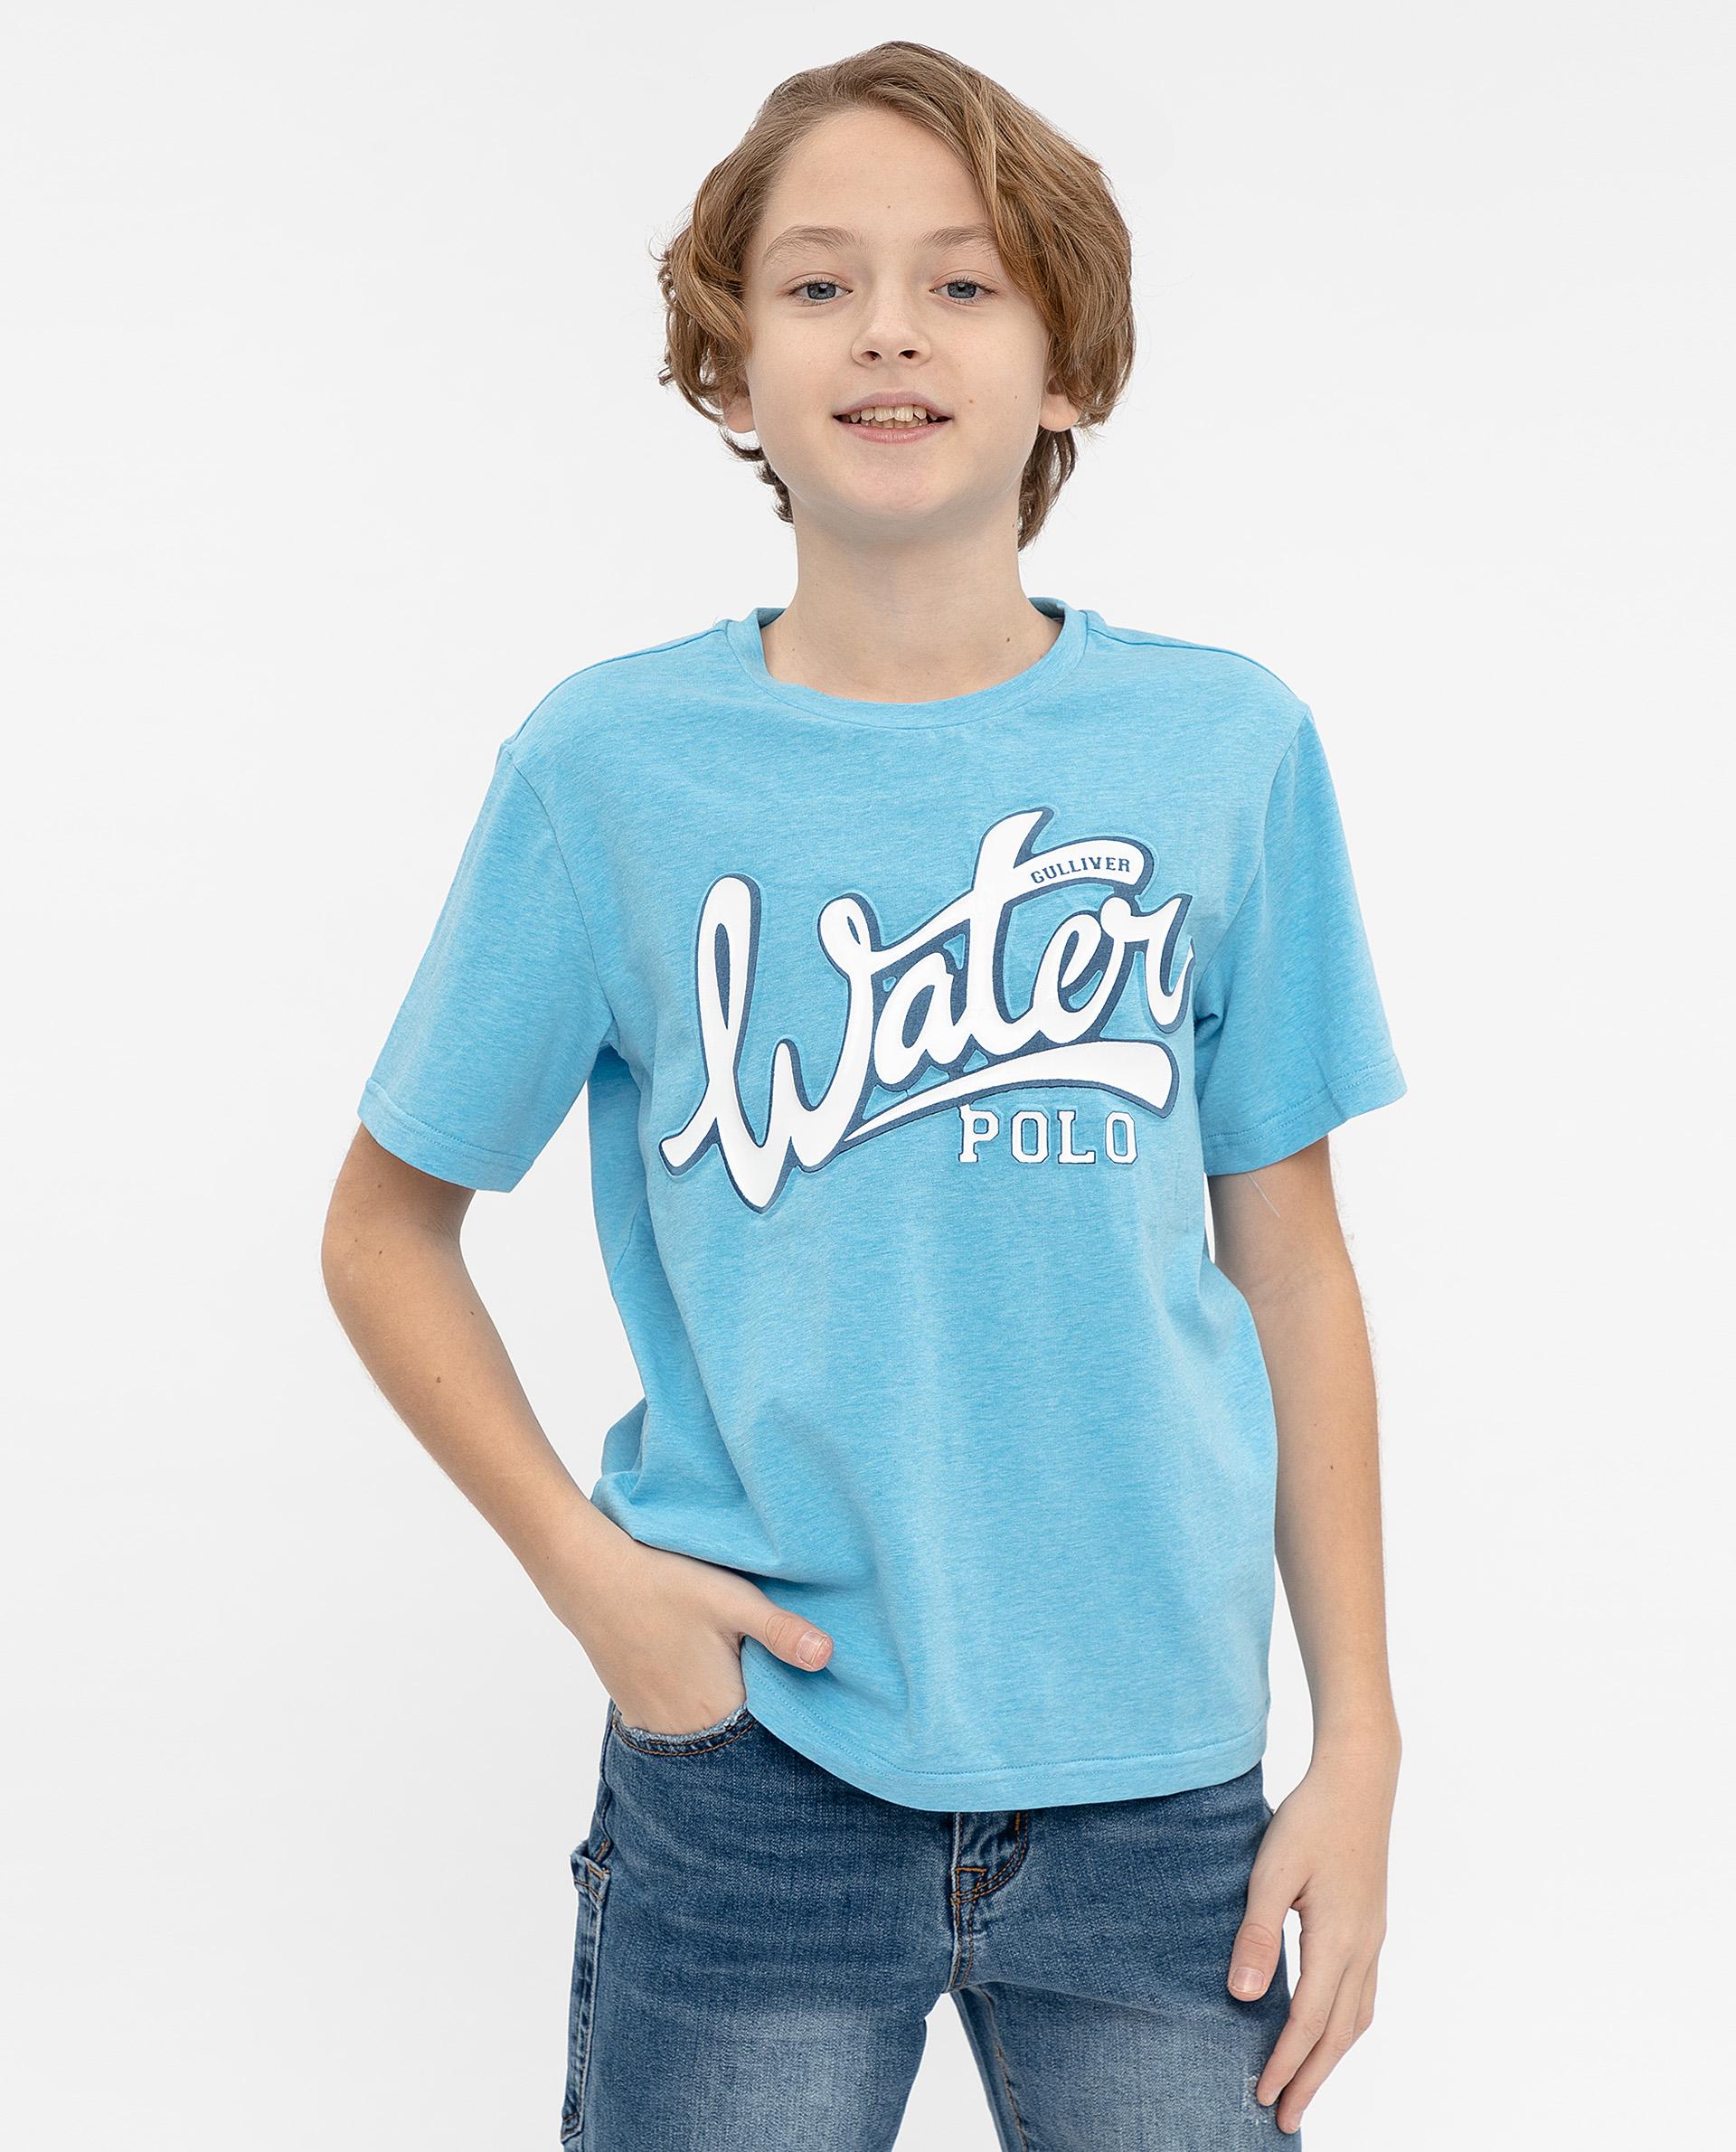 Купить 12012BJC1215, Голубая футболка с принтом Gulliver, голубой, 158, Мужской, ВЕСНА/ЛЕТО 2020 (shop: GulliverMarket Gulliver Market)